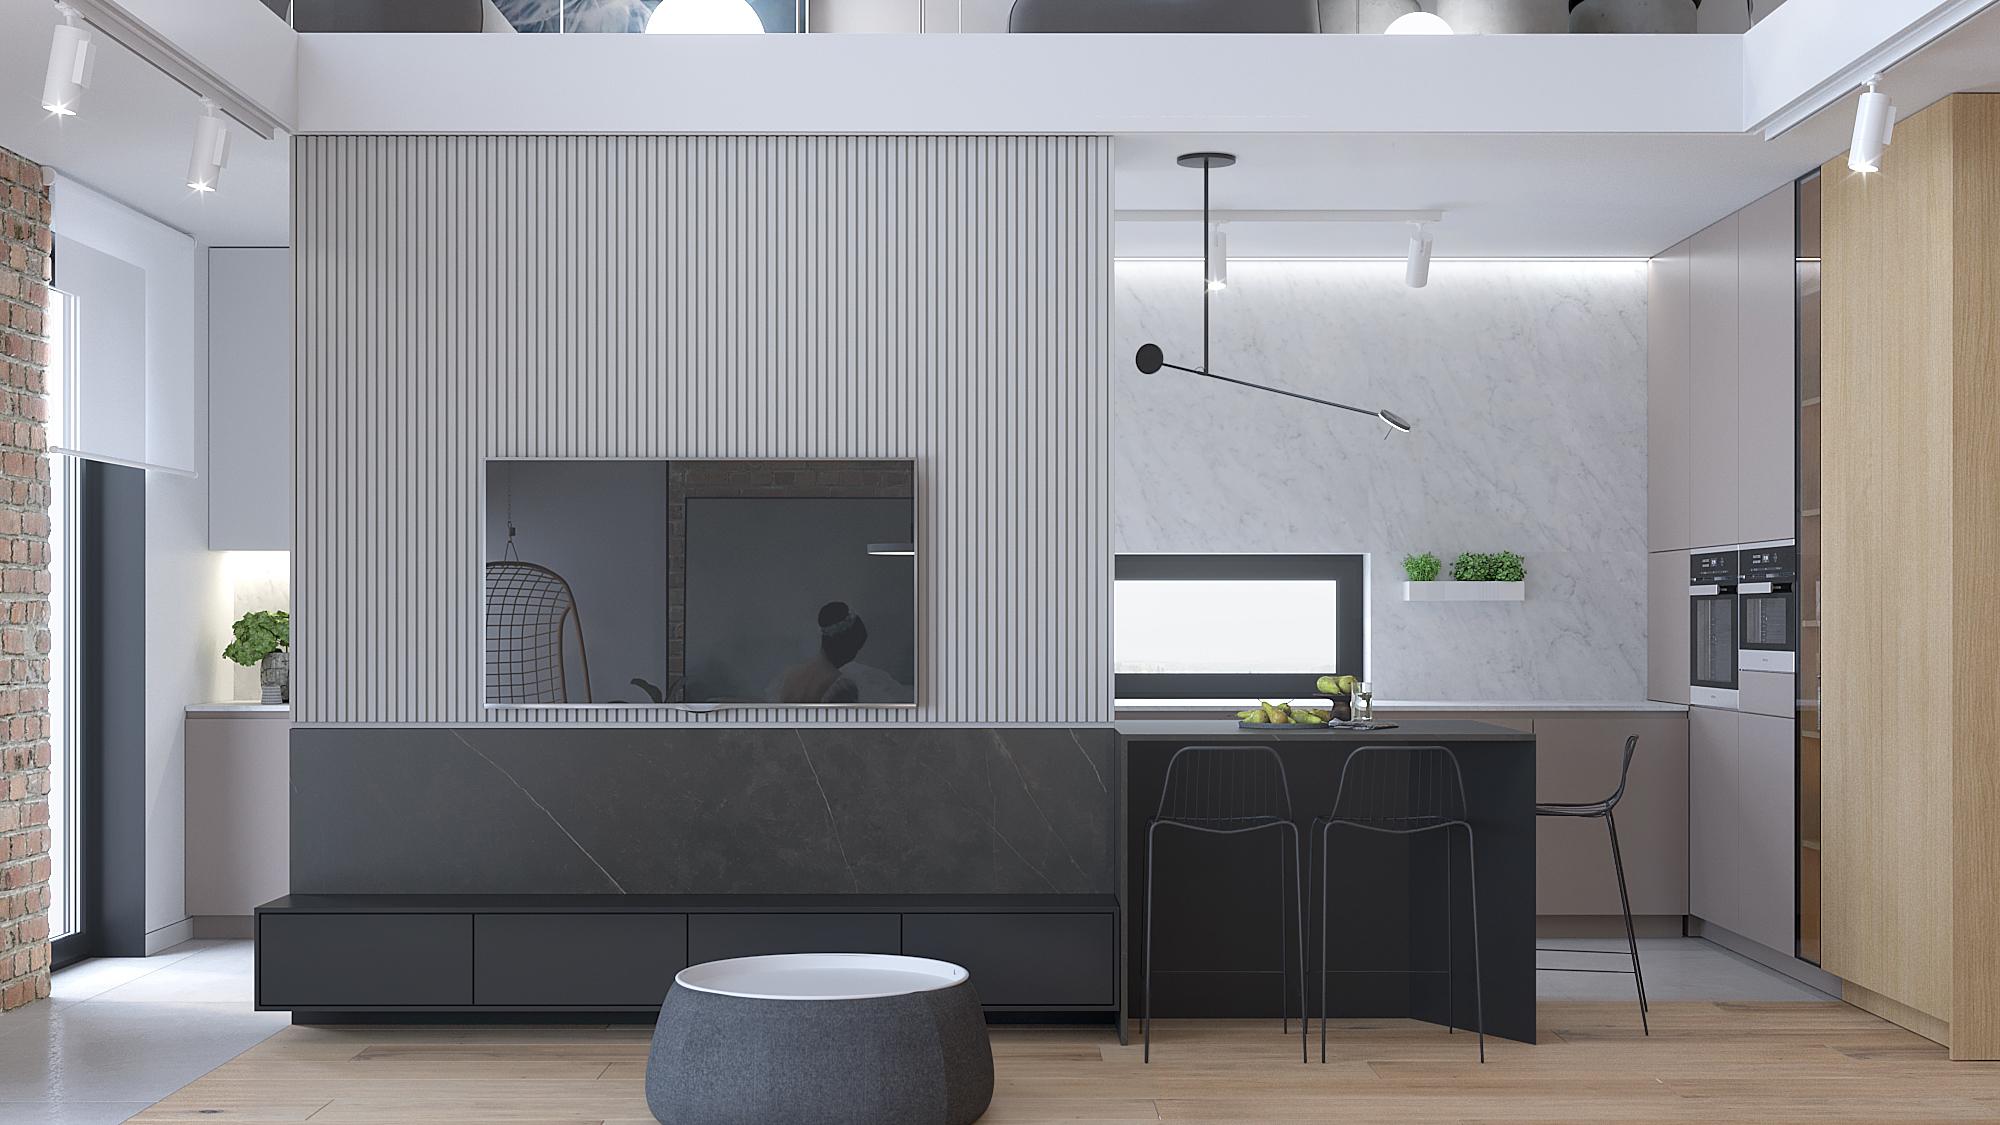 6 architekt wnetrz D428 dom Ruda Slaska salon z kuchnia sciana telewizyjna frezowana plyta meblowa grafitowa szafka rtv metalowe hokery grafitowa polwyspa